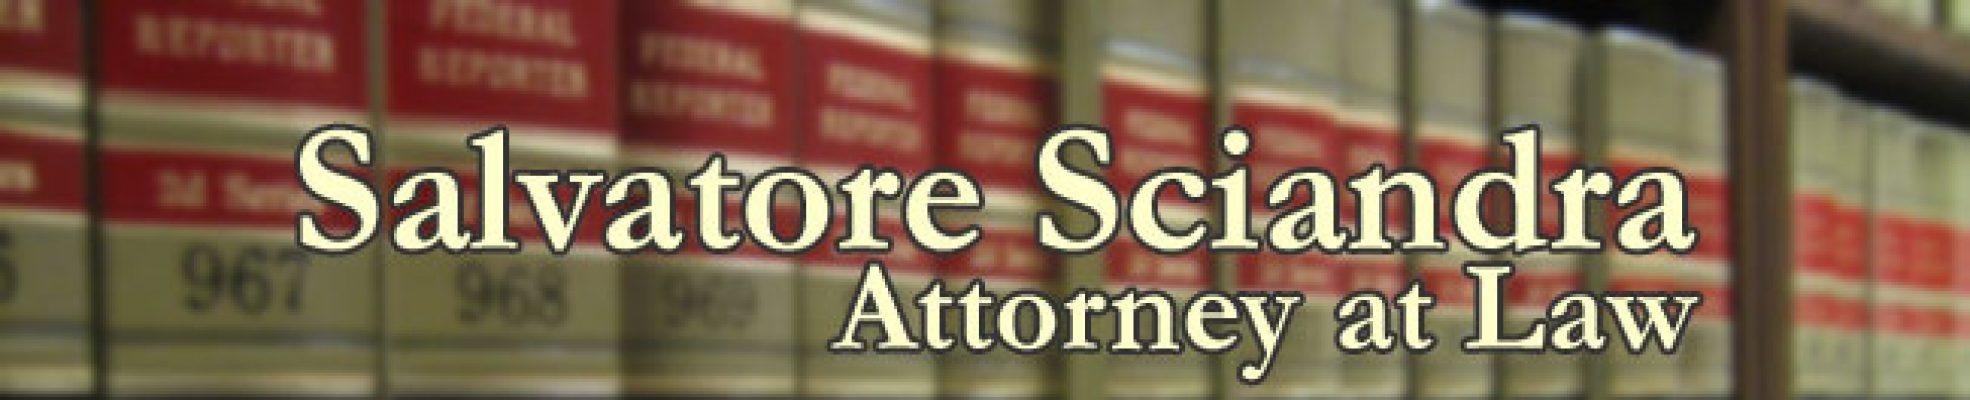 Salvatore Sciandra, Attorney at Law